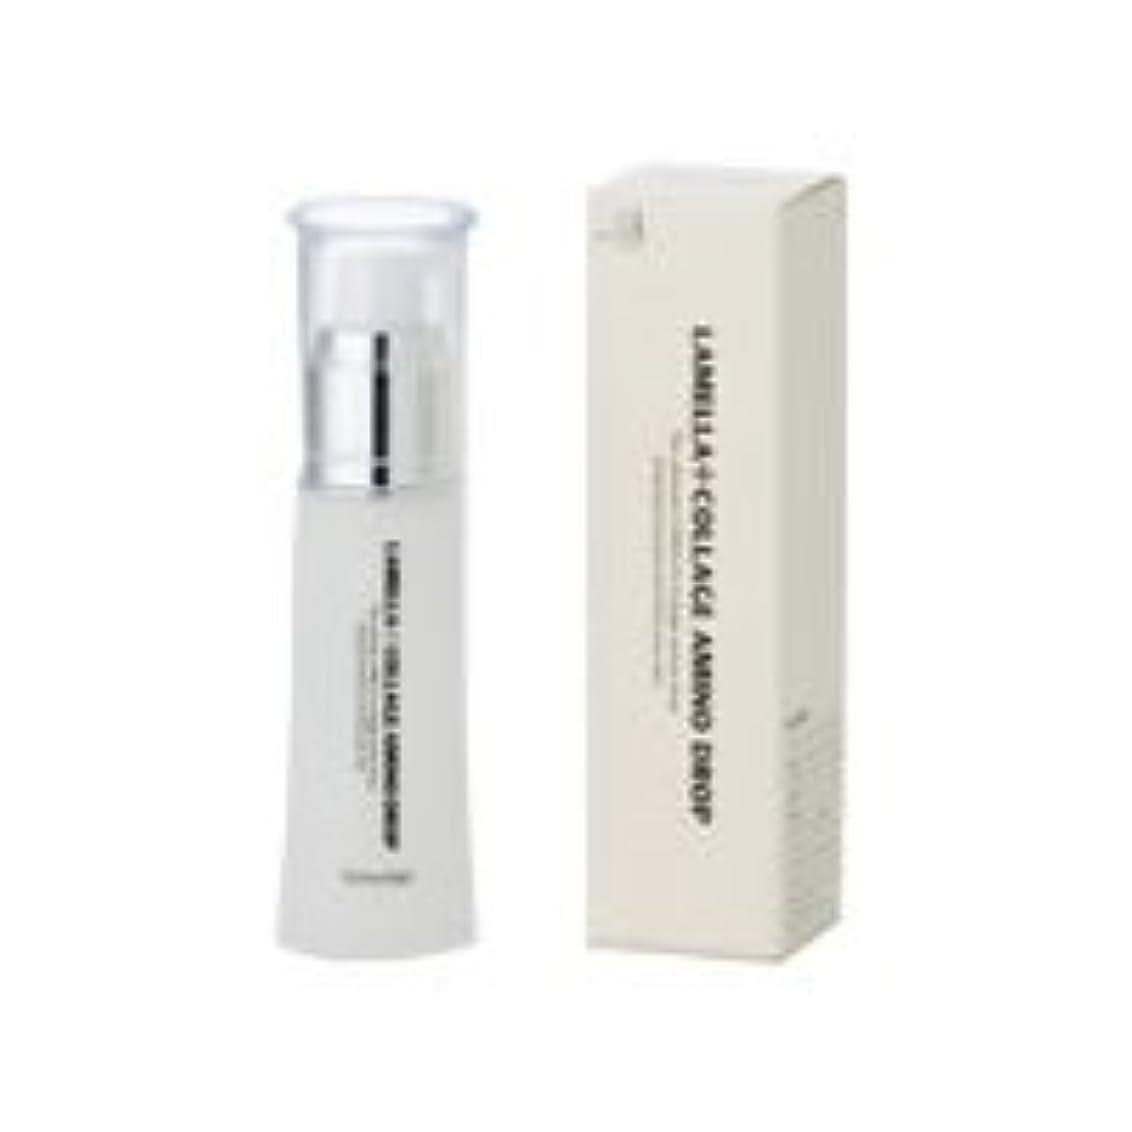 バルクミニチュア哀れなテクノエイト ラメラコラージュ アミノドロップ 40ml (導入美容液)